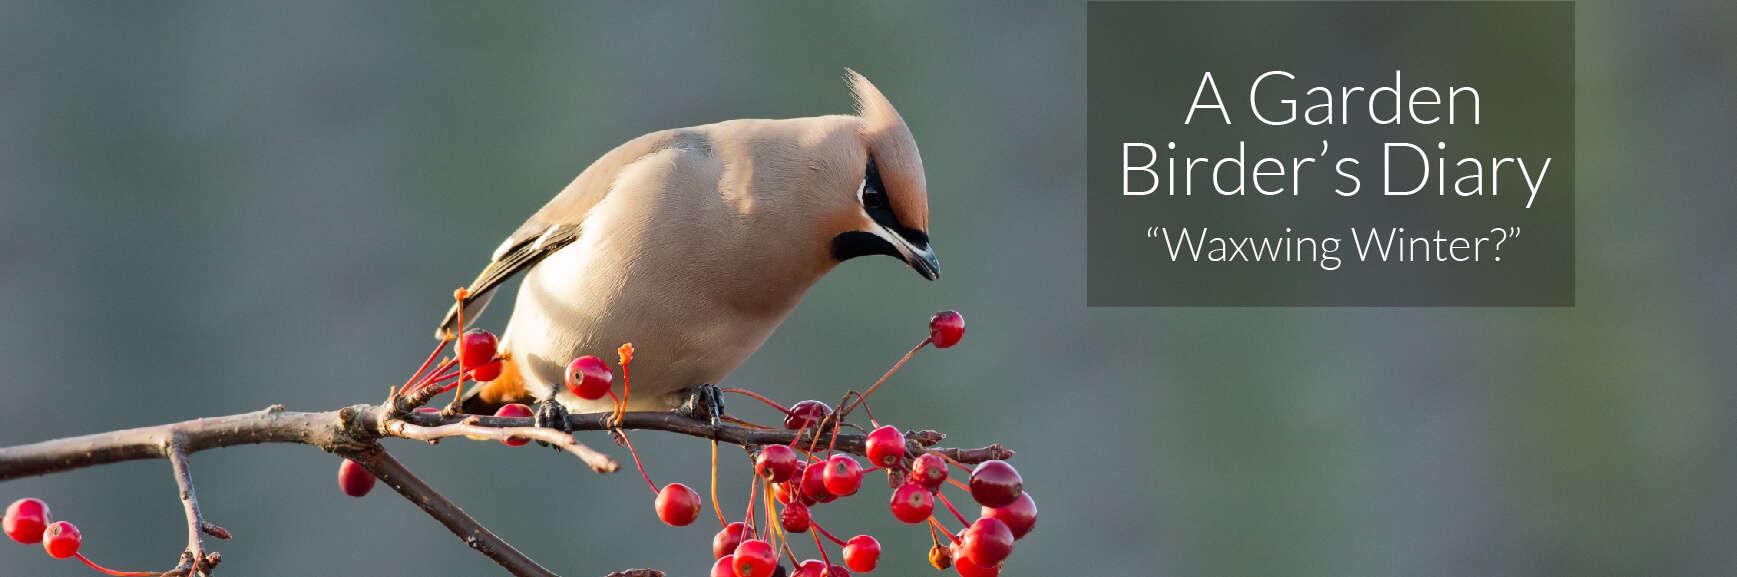 A Garden Birder's Diary – Waxwing Winter?